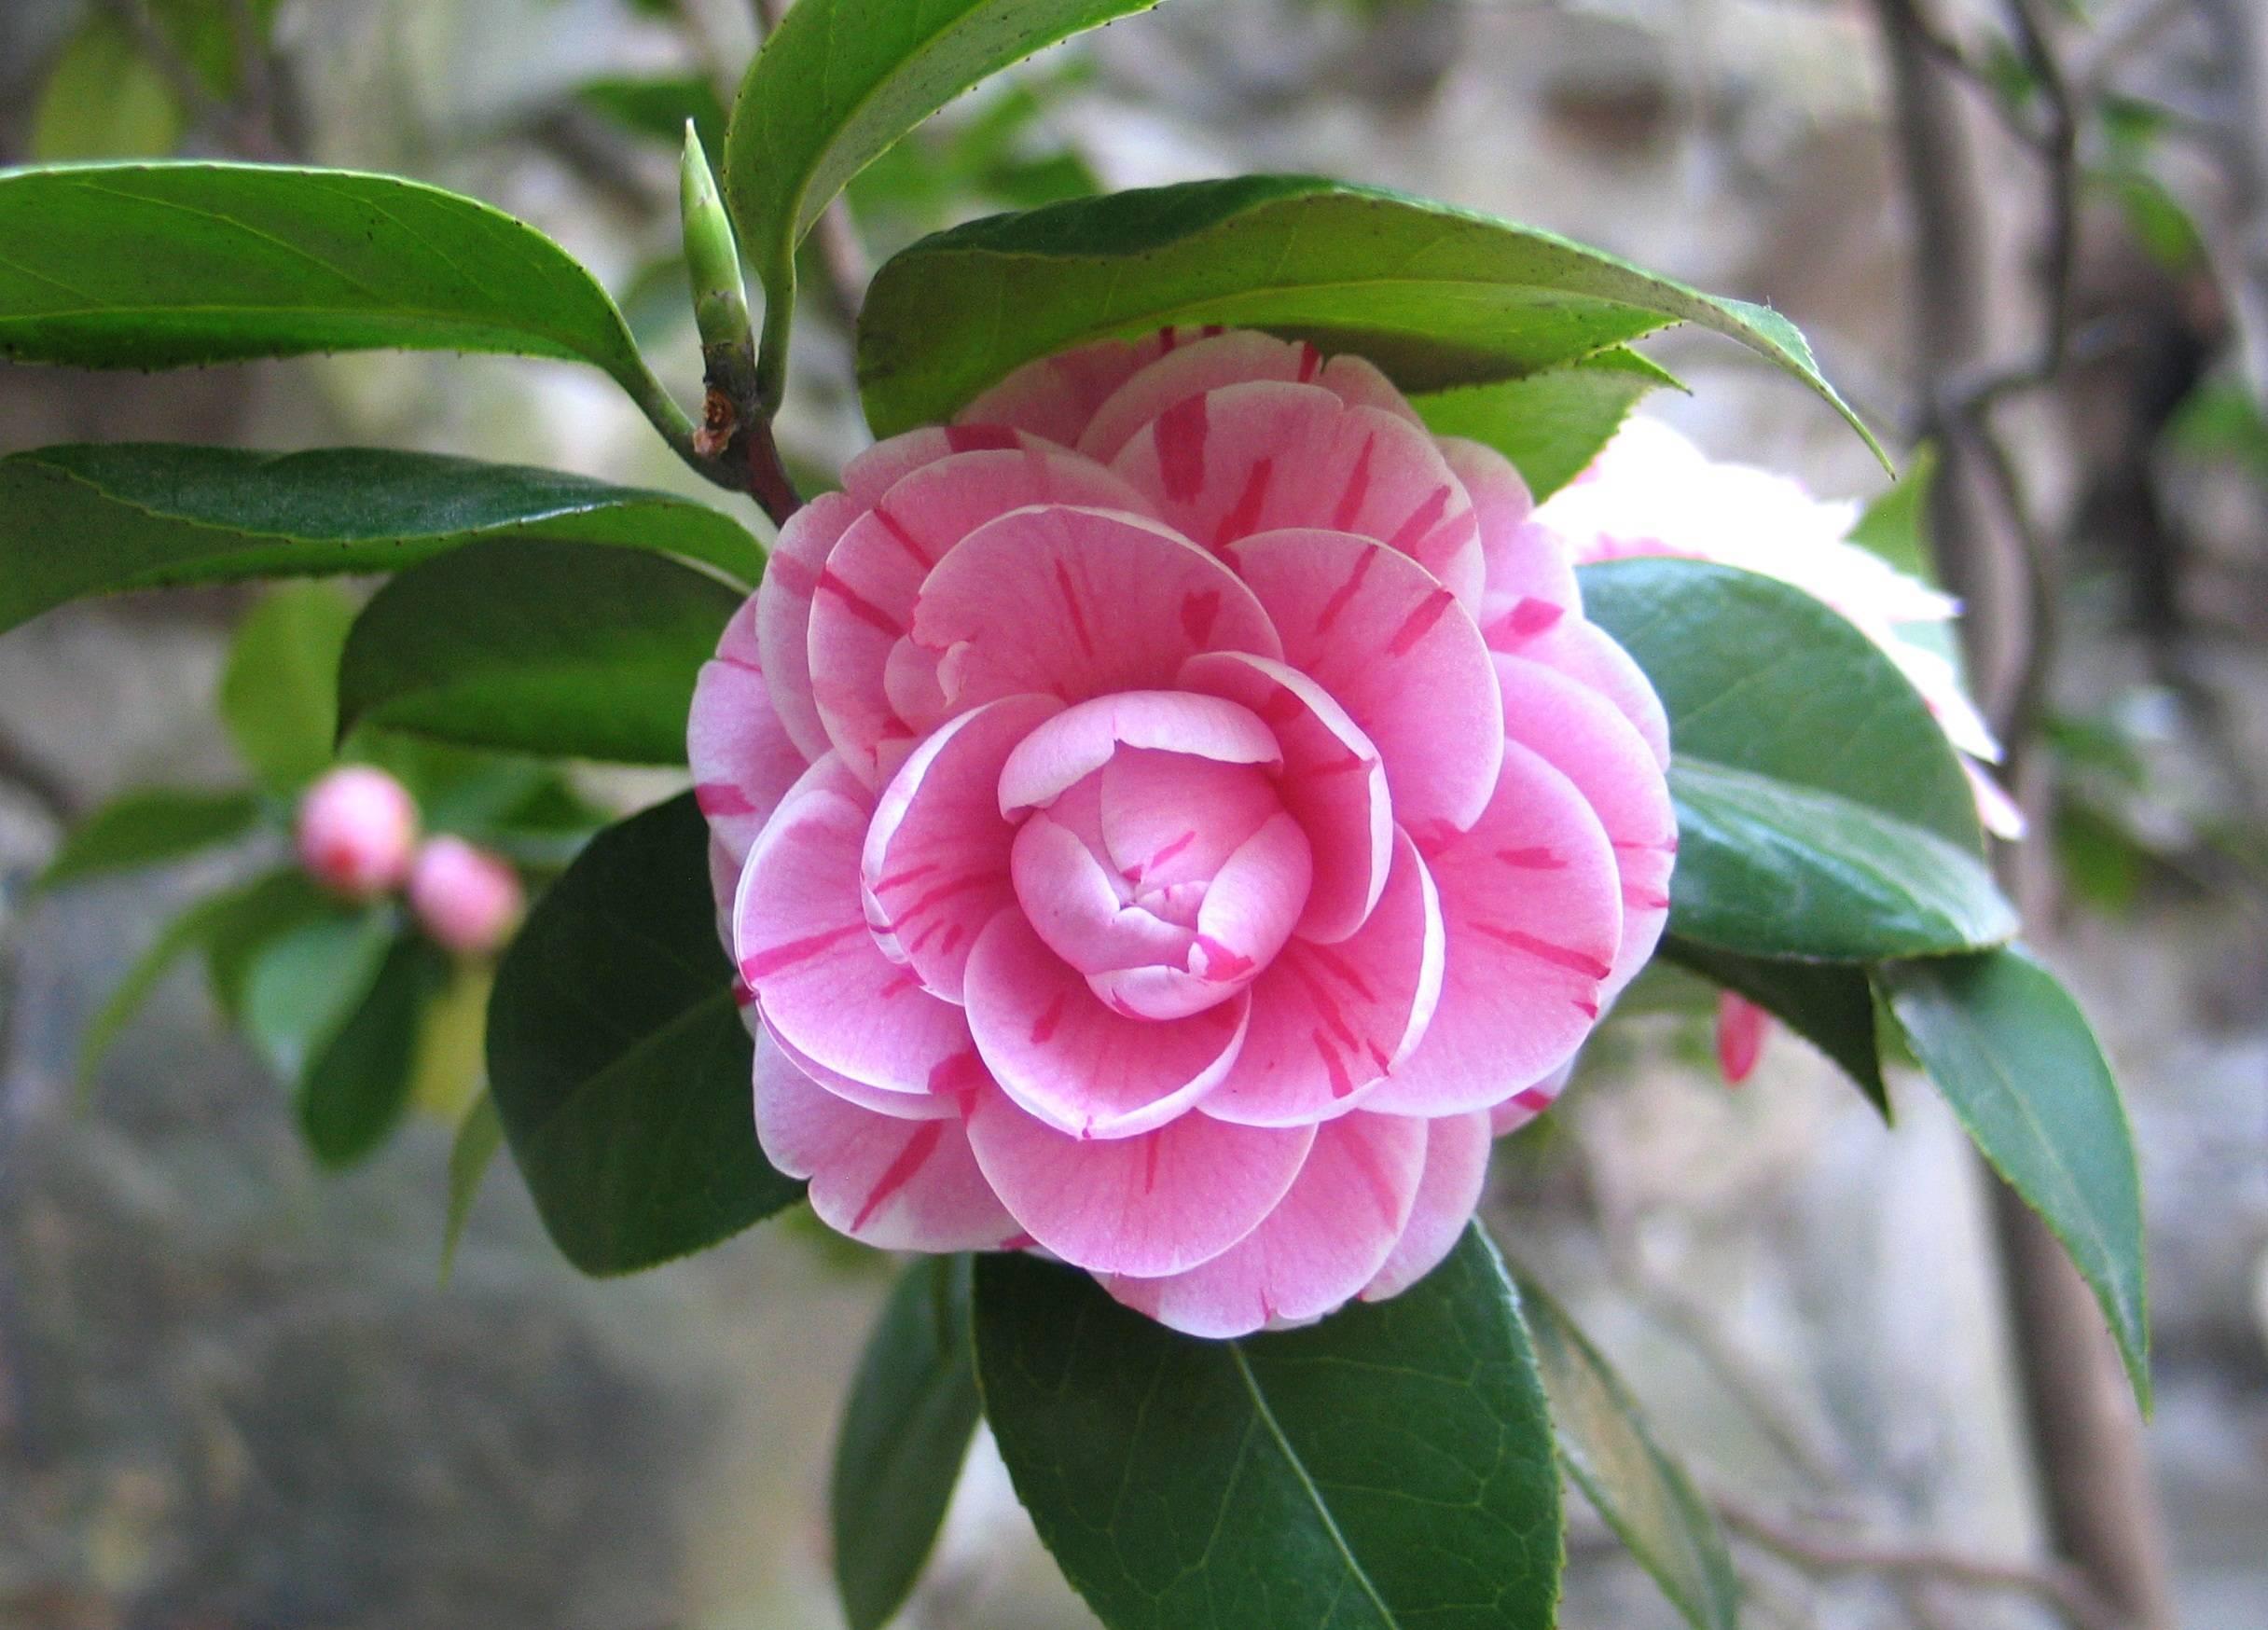 Камелия японская (28 фото): уход за комнатным растением японика с махровыми цветами в домашних условиях, посадка семян и выращивание